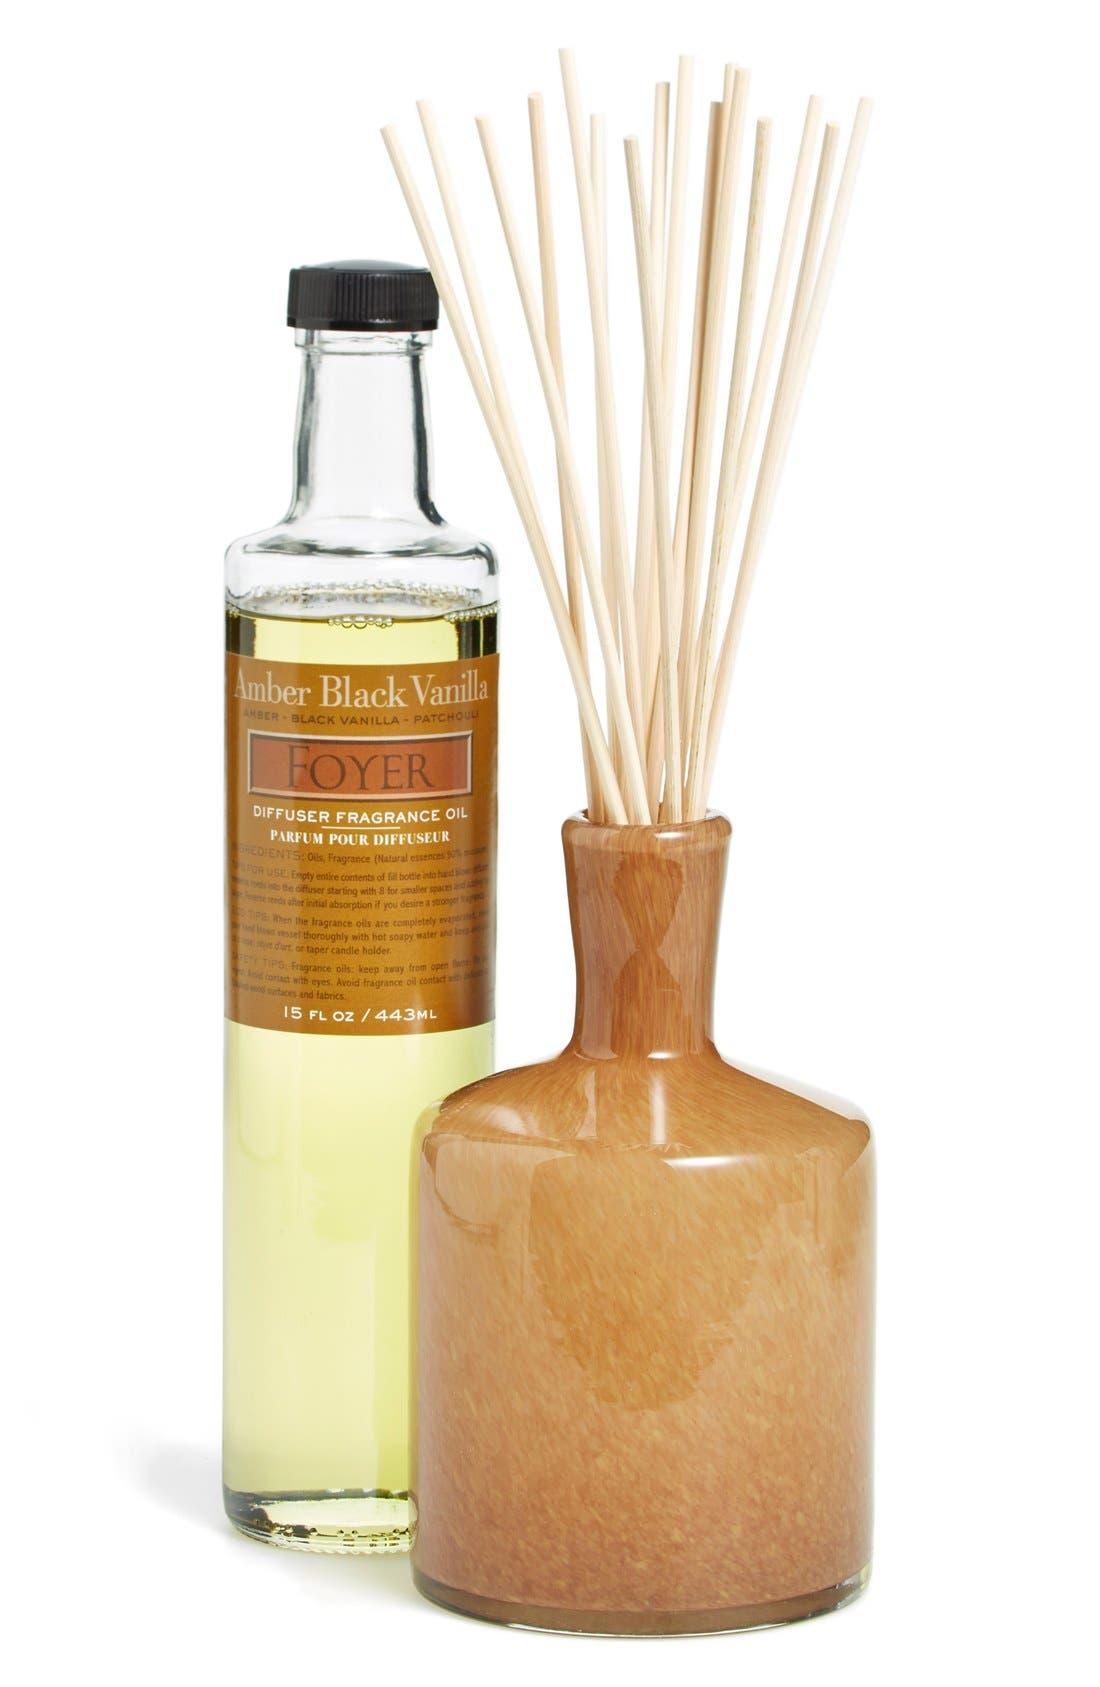 Lafco 'Amber Black Vanilla - Foyer' Fragrance Diffuser